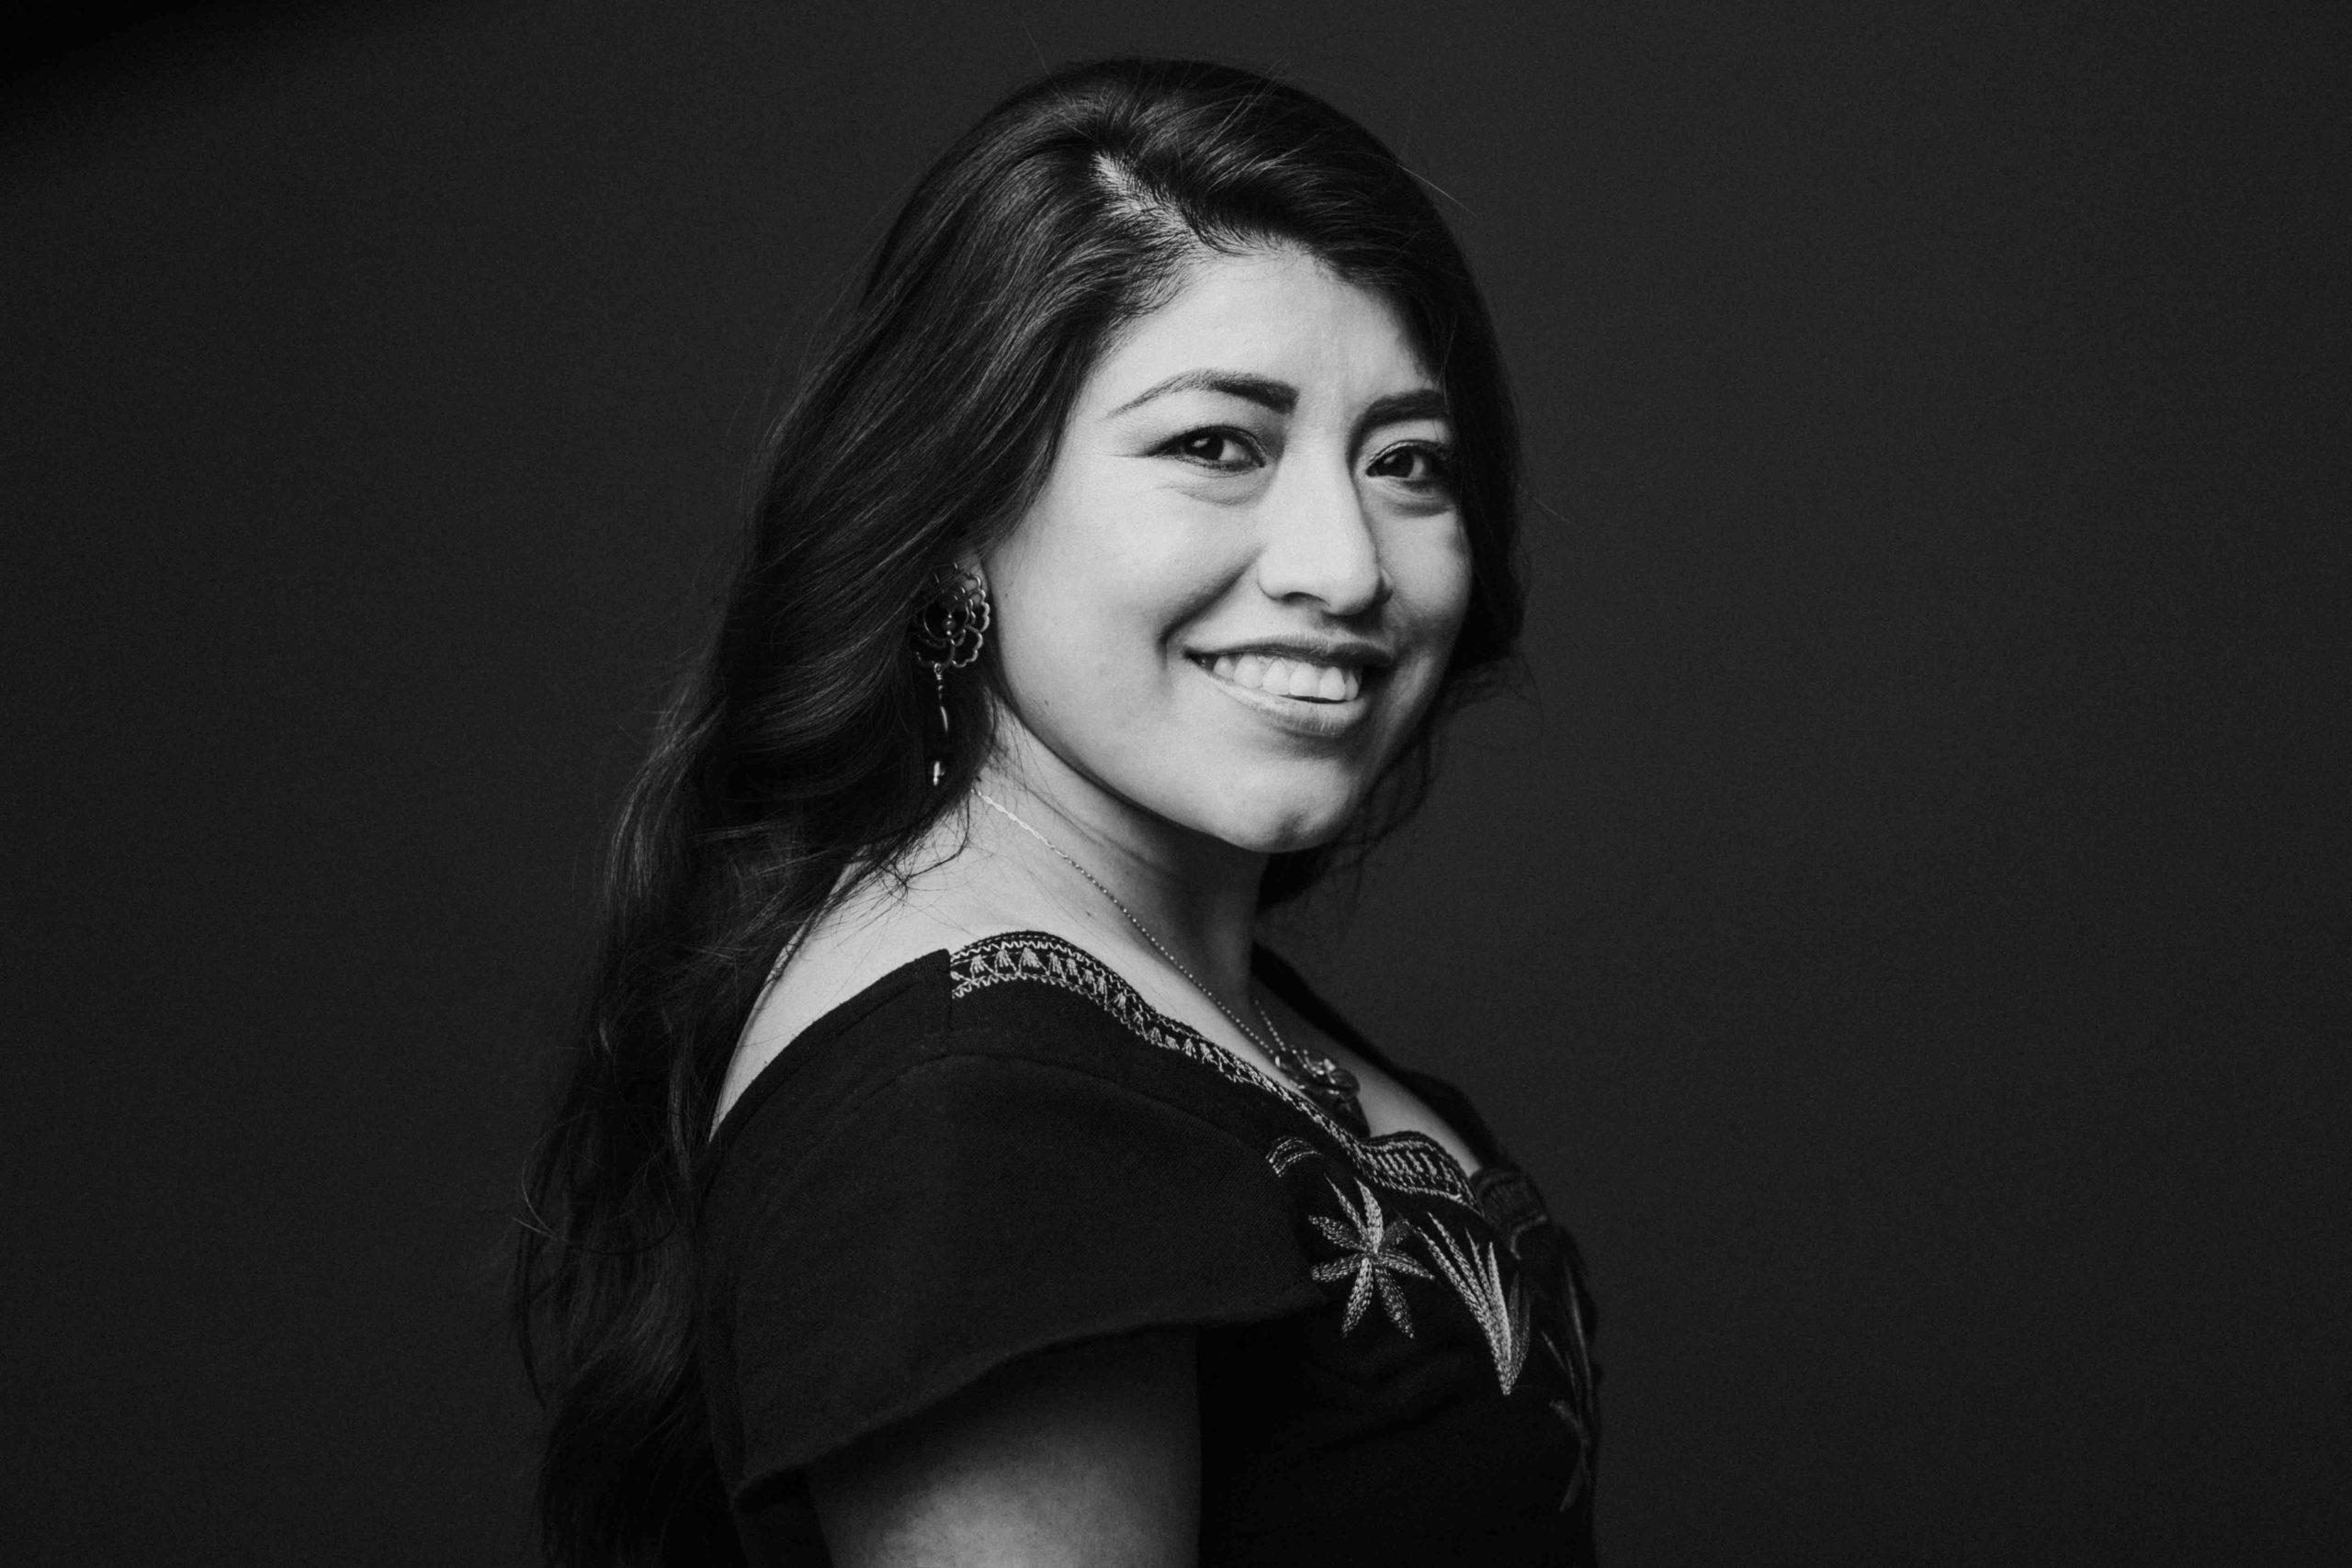 María Reyna, una soprano mixe y miembro de un gobierno indígena